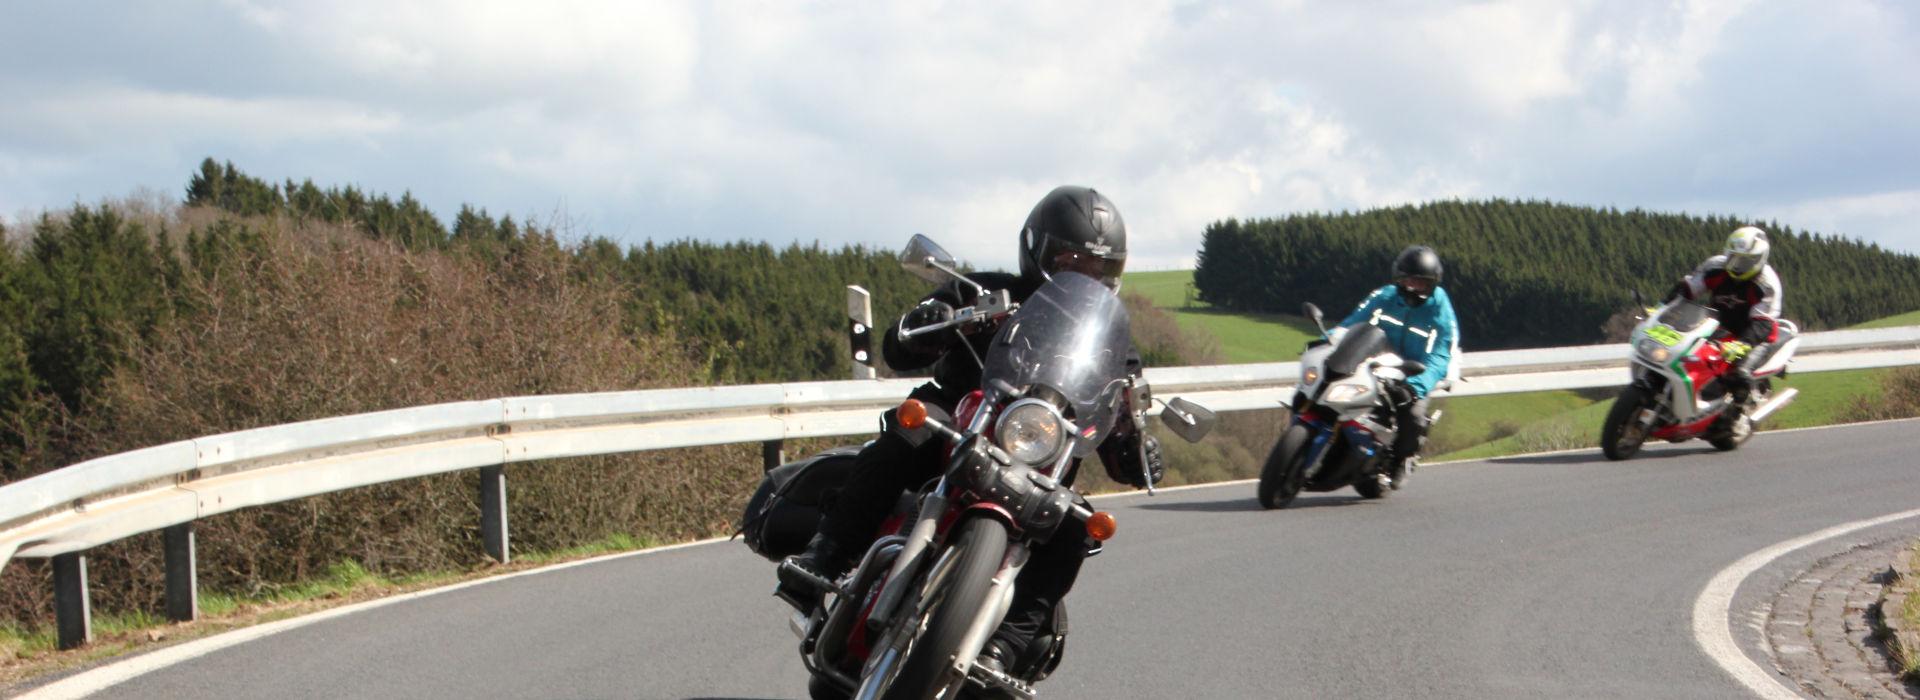 Motorrijbewijspoint Zaamslag motorrijcholen